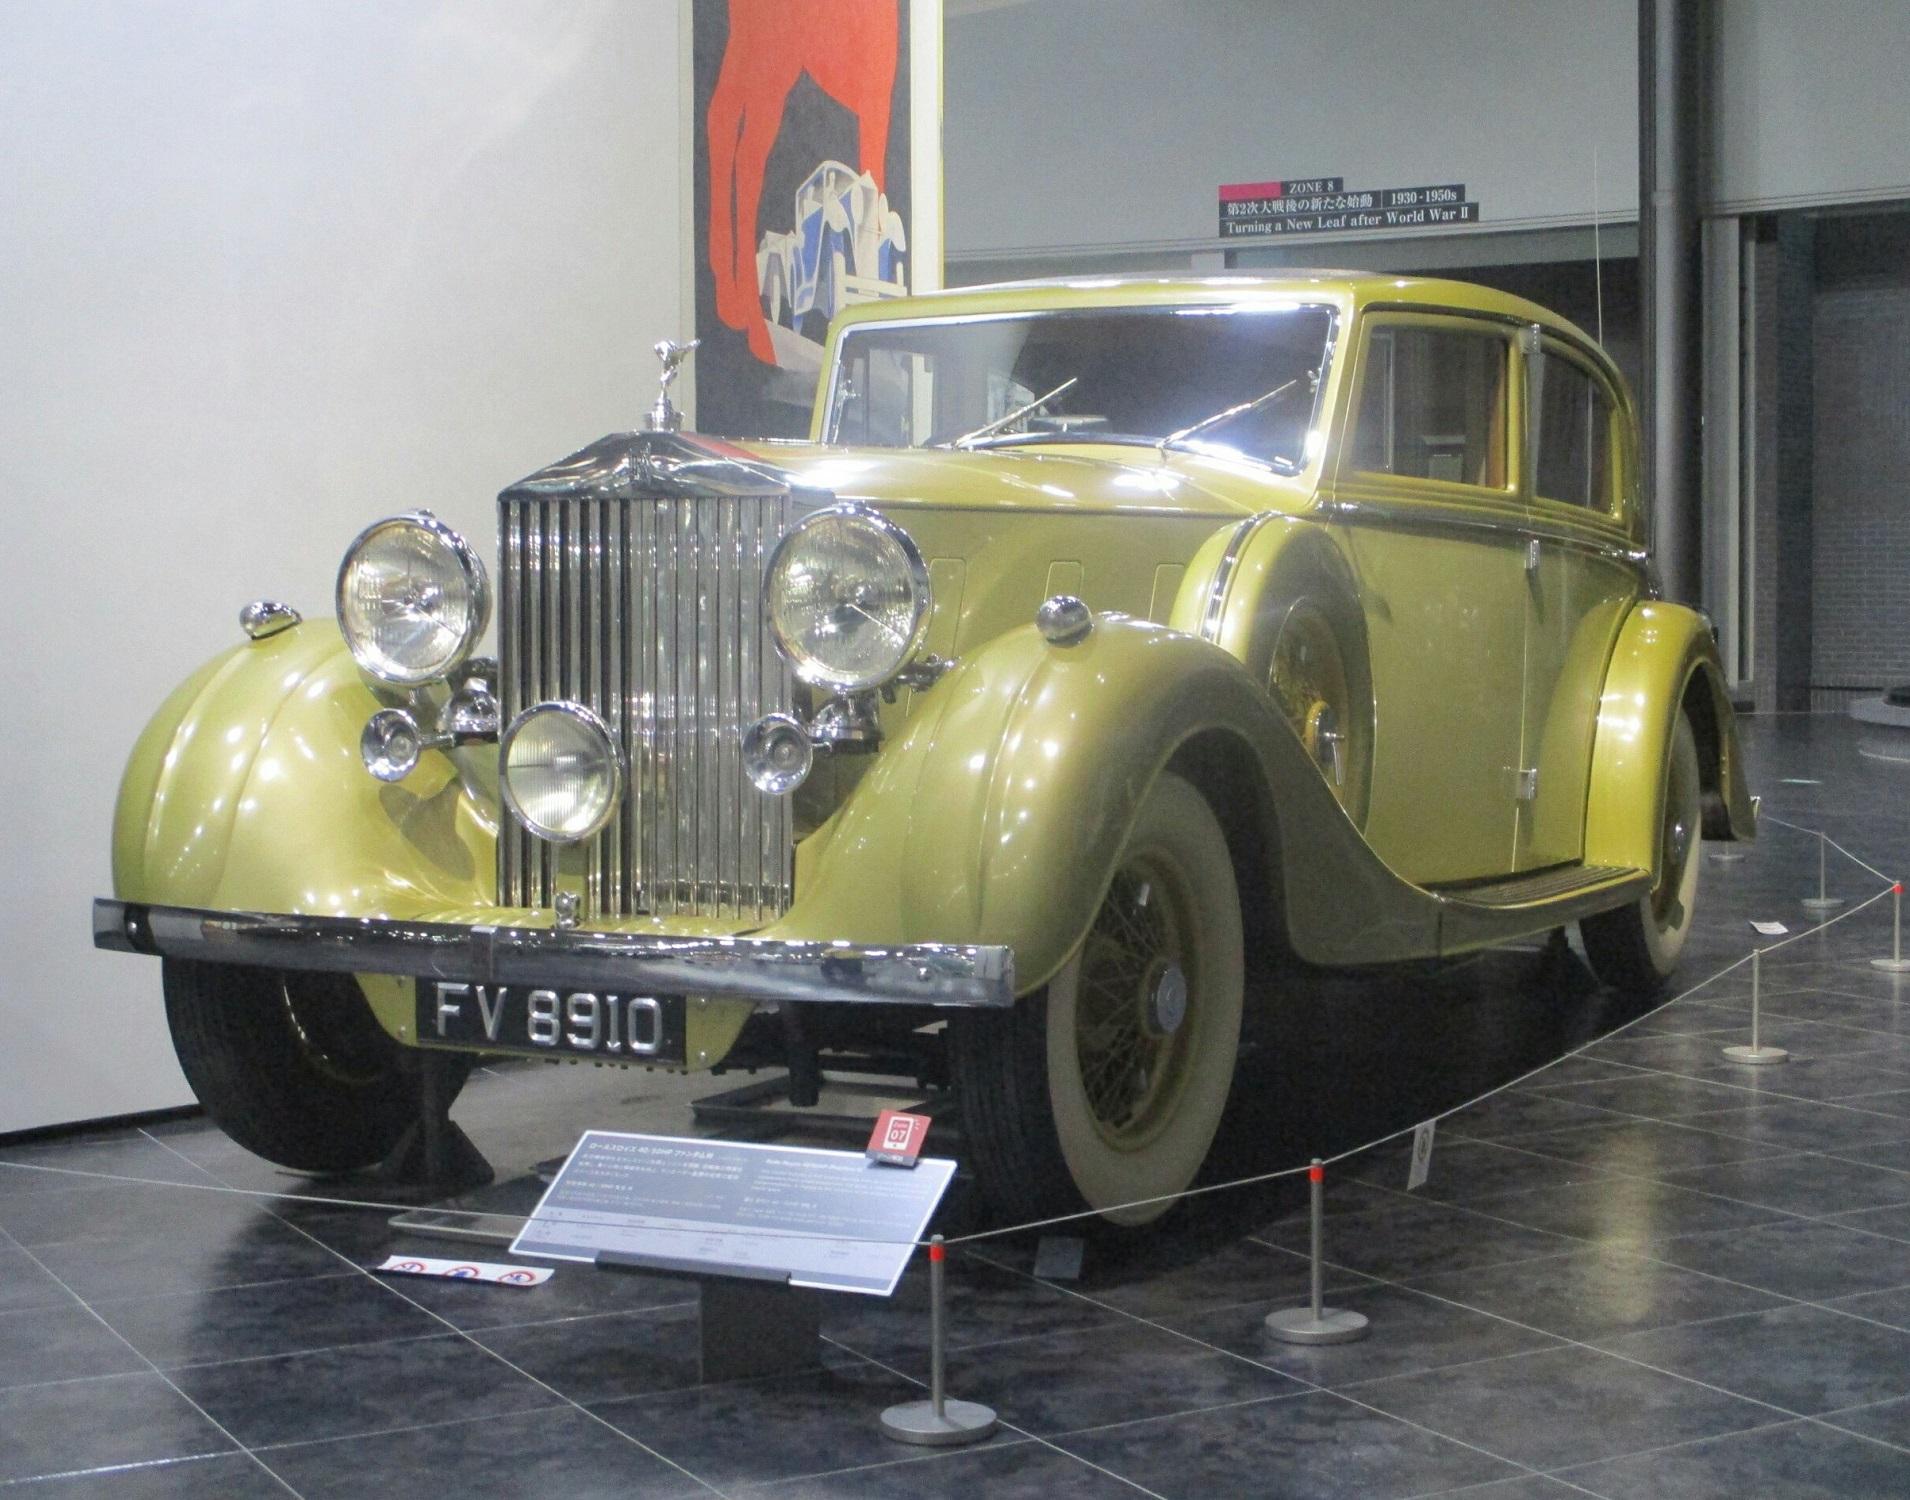 2019.6.30 (69) トヨタ博物館 - ロールスロイスファントム3 1910-1500